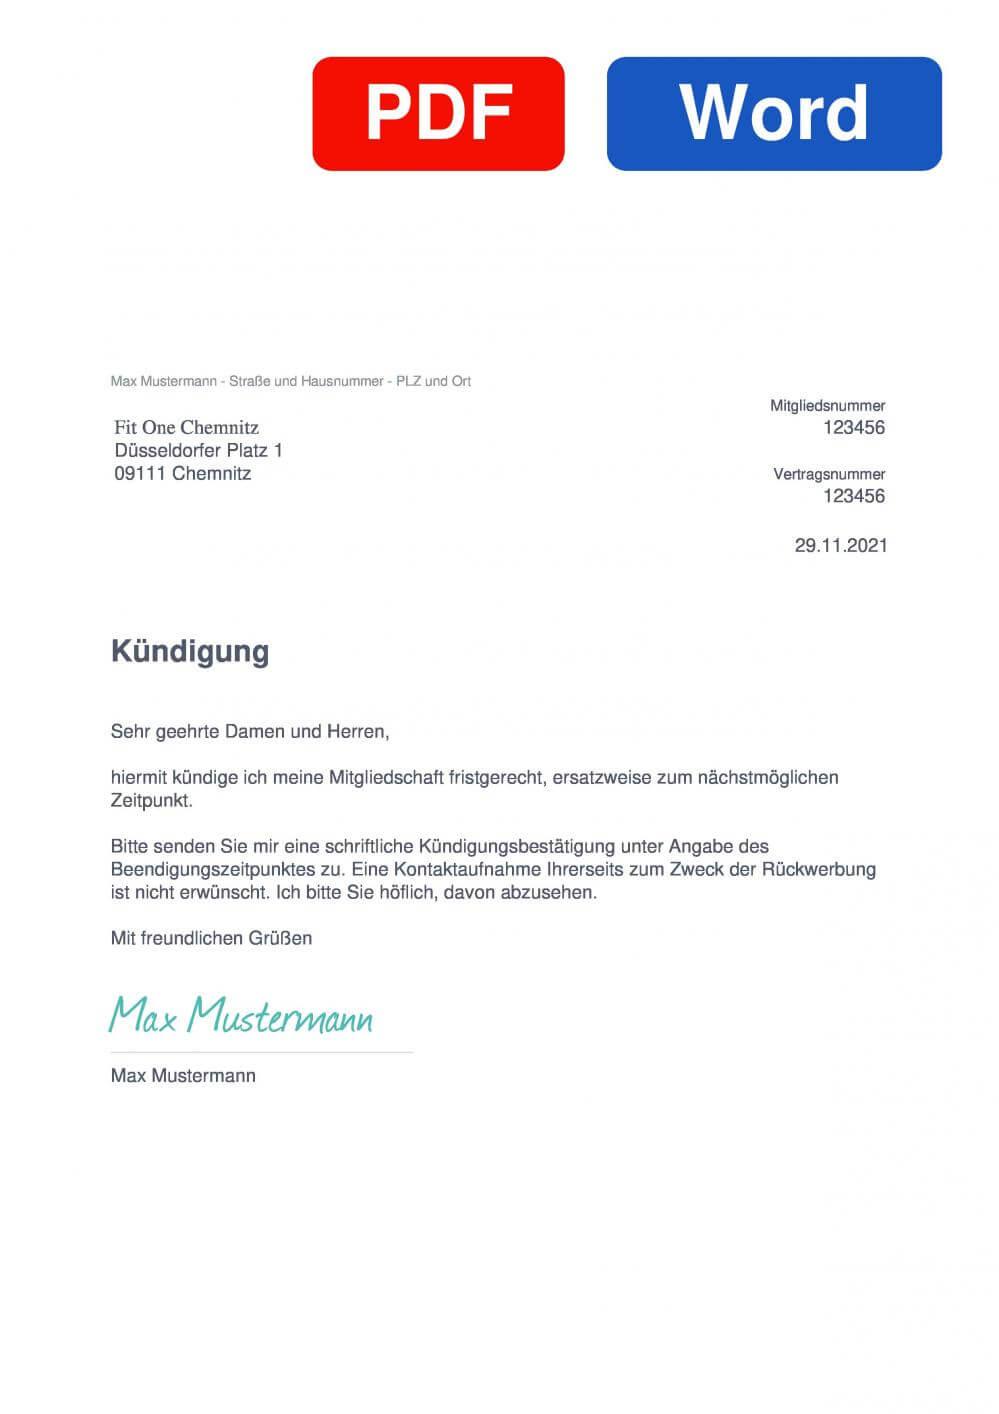 FIT/ONE Chemnitz Muster Vorlage für Kündigungsschreiben